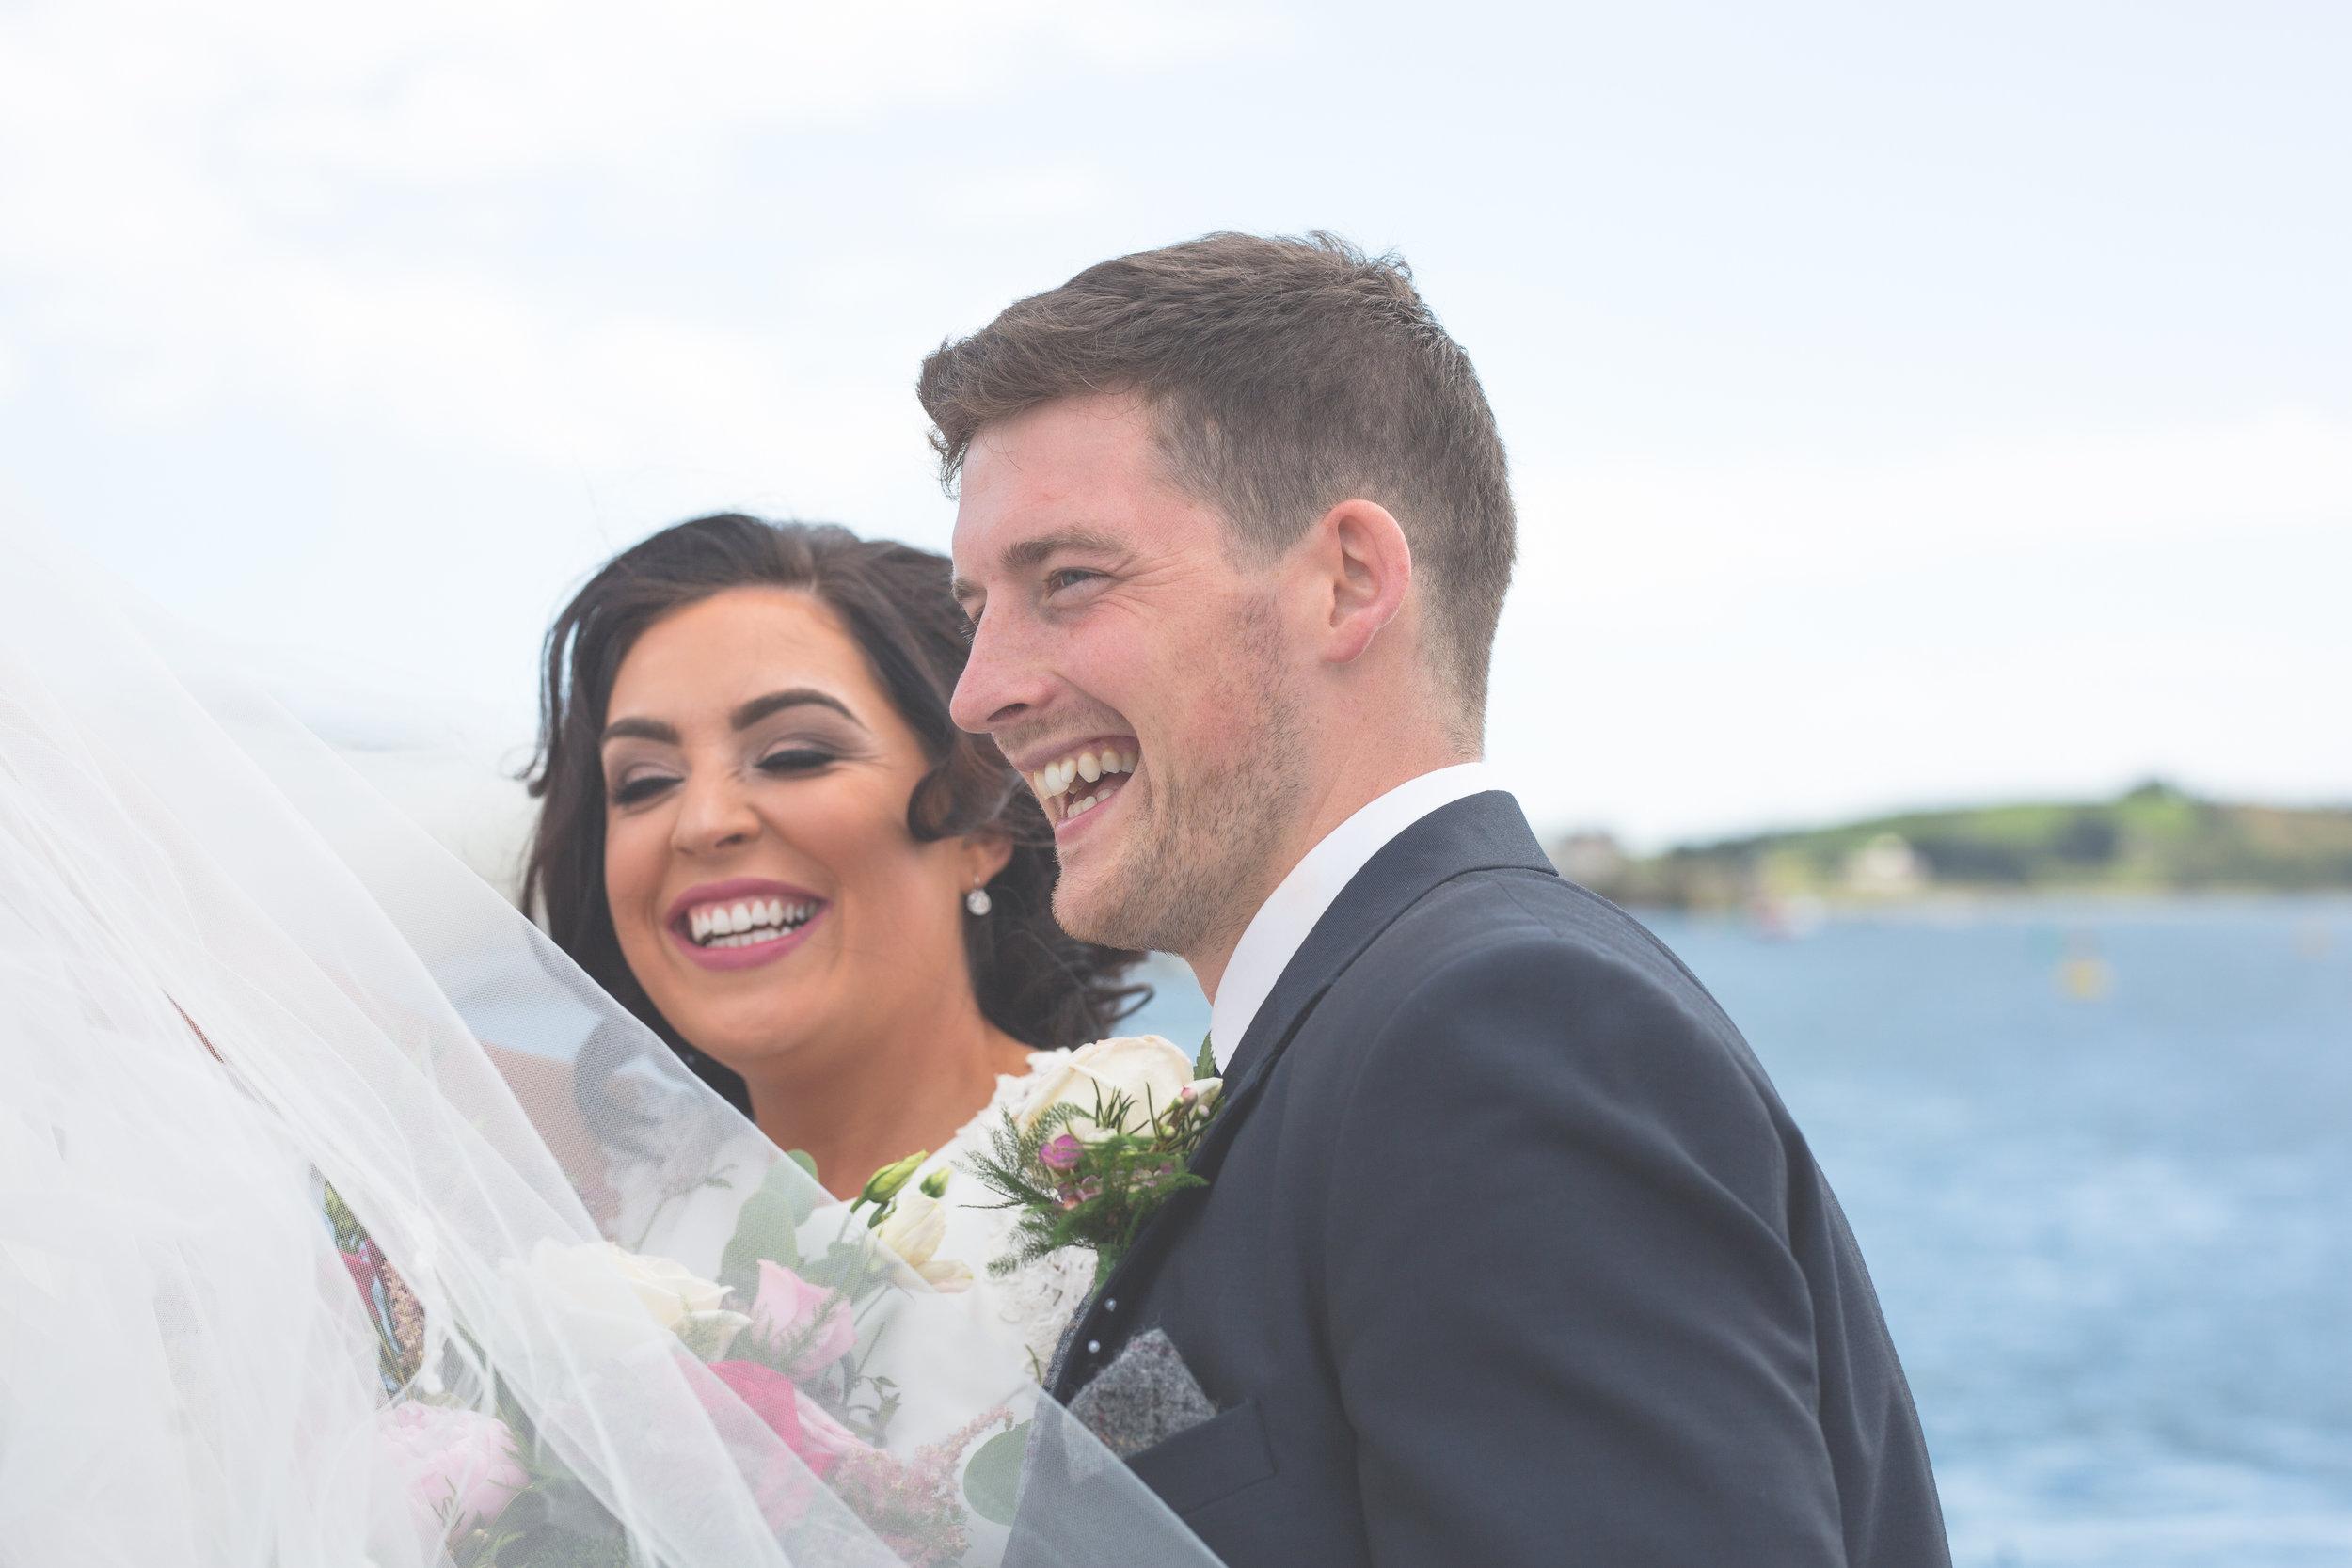 Brian McEwan Wedding Photography   Carol-Anne & Sean   The Ceremony-181.jpg